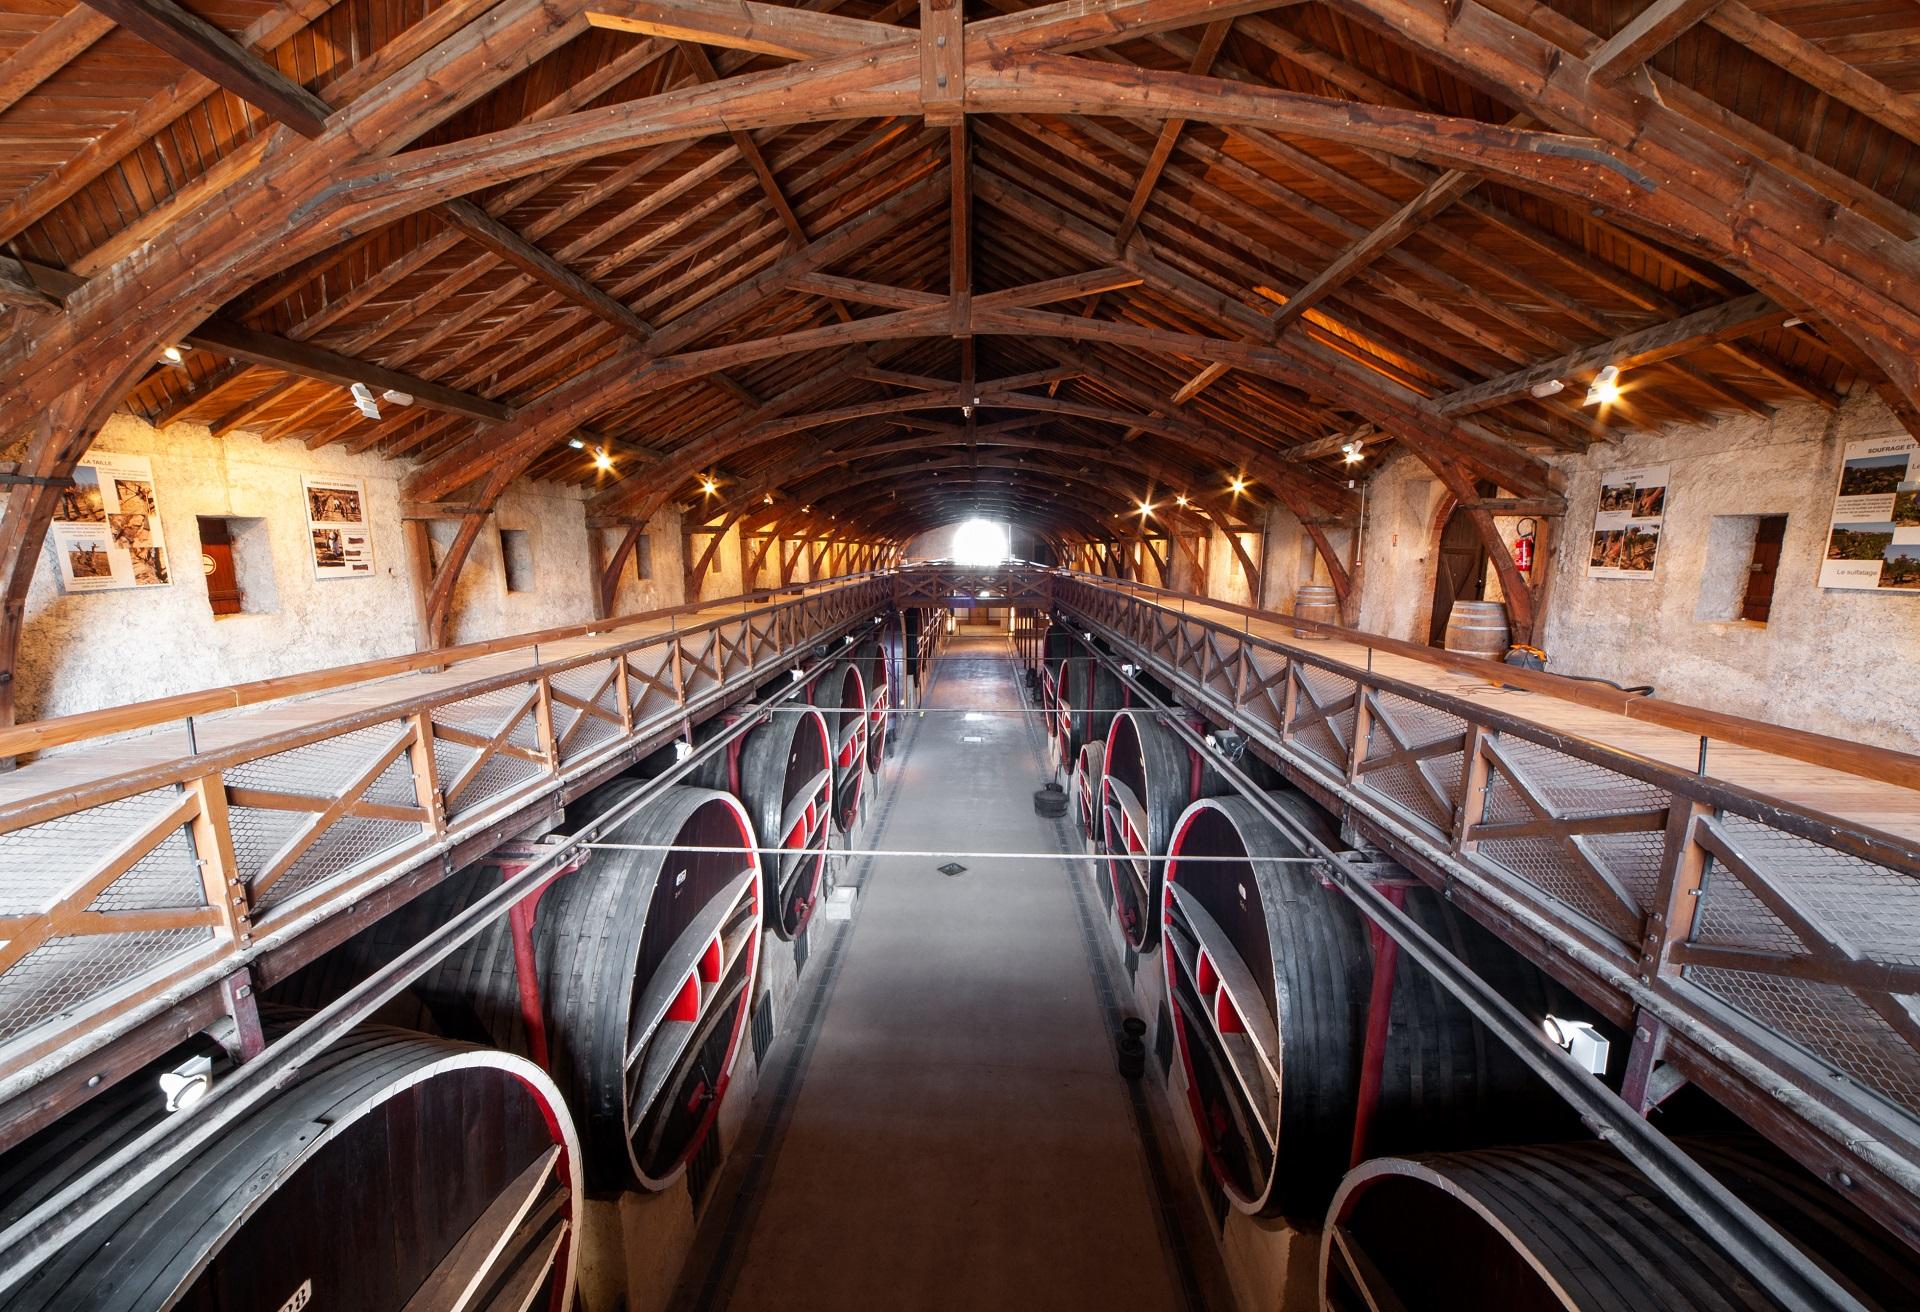 Intérieur de la cave du chateau vue du haut sur la charpente